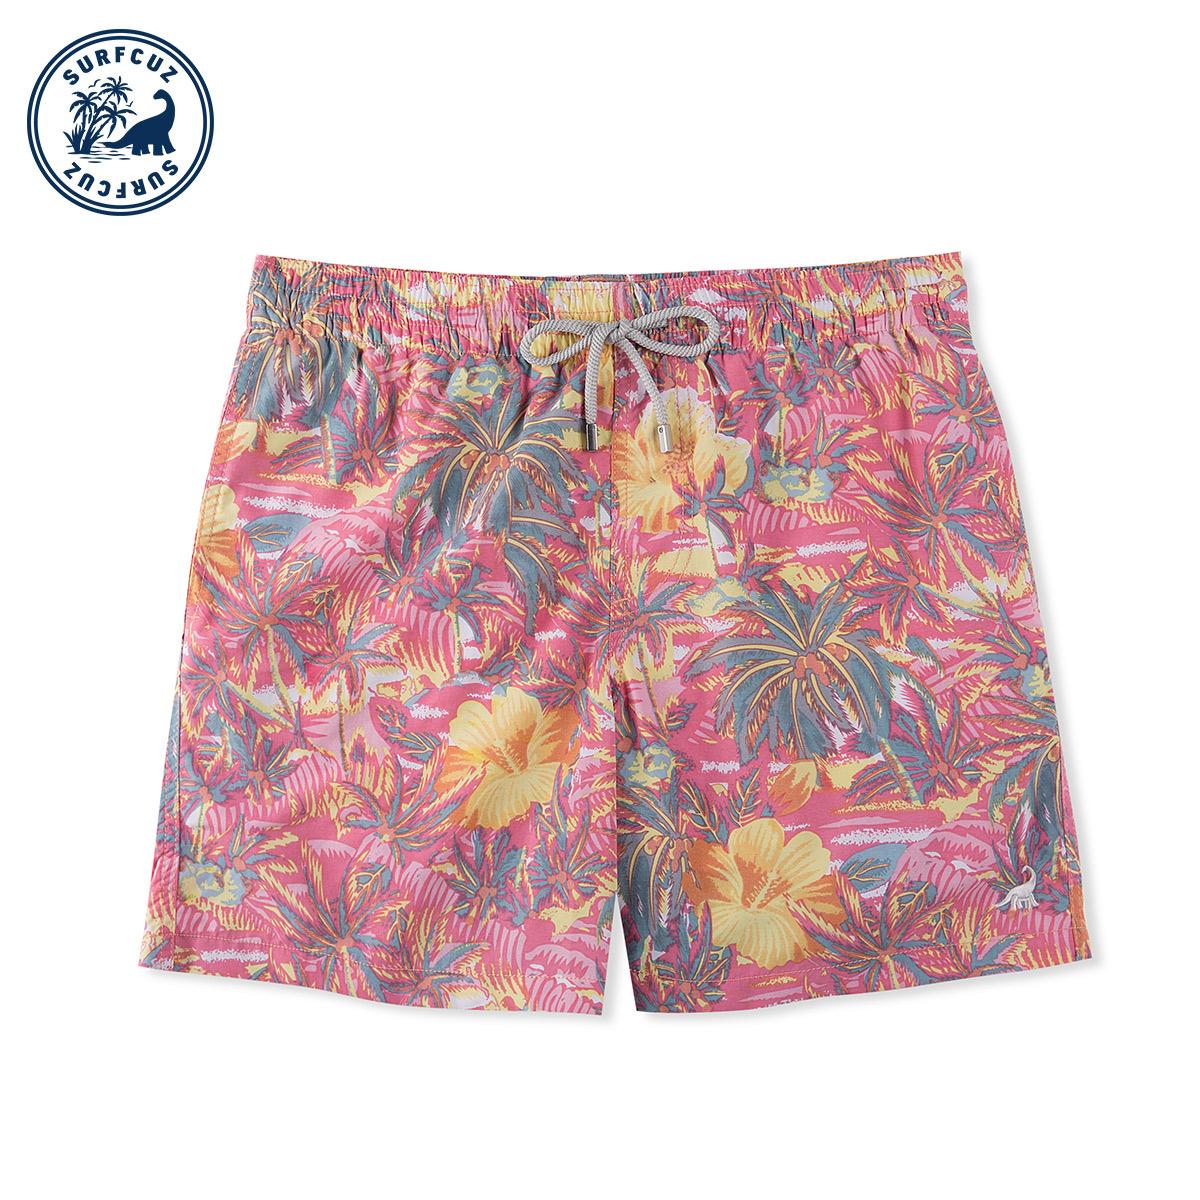 沙滩裤男潮牌速干宽松情侣装花泳裤热销247件五折促销